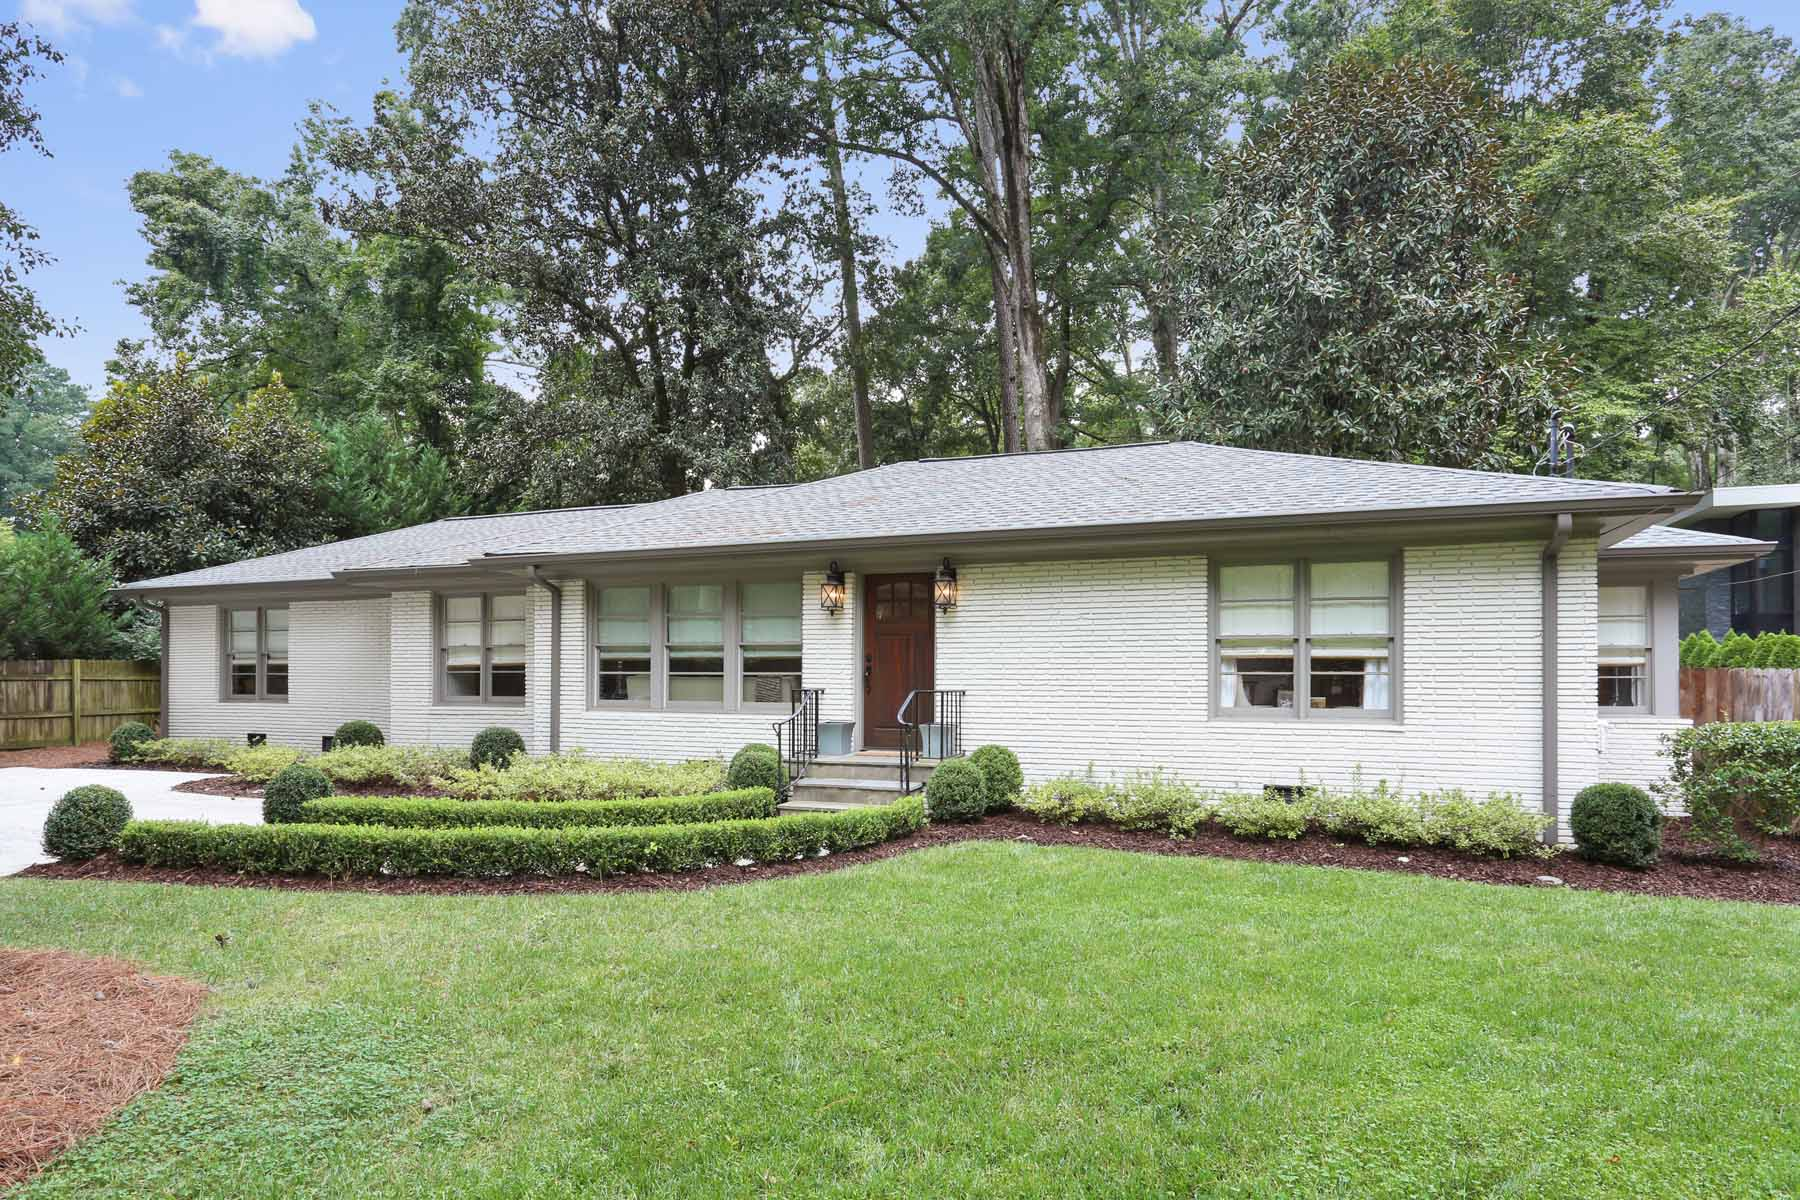 Maison unifamiliale pour l Vente à Timeless High End Transformation in Morris Brandon 2550 Northside Drive NW Buckhead, Atlanta, Georgia, 30305 États-Unis